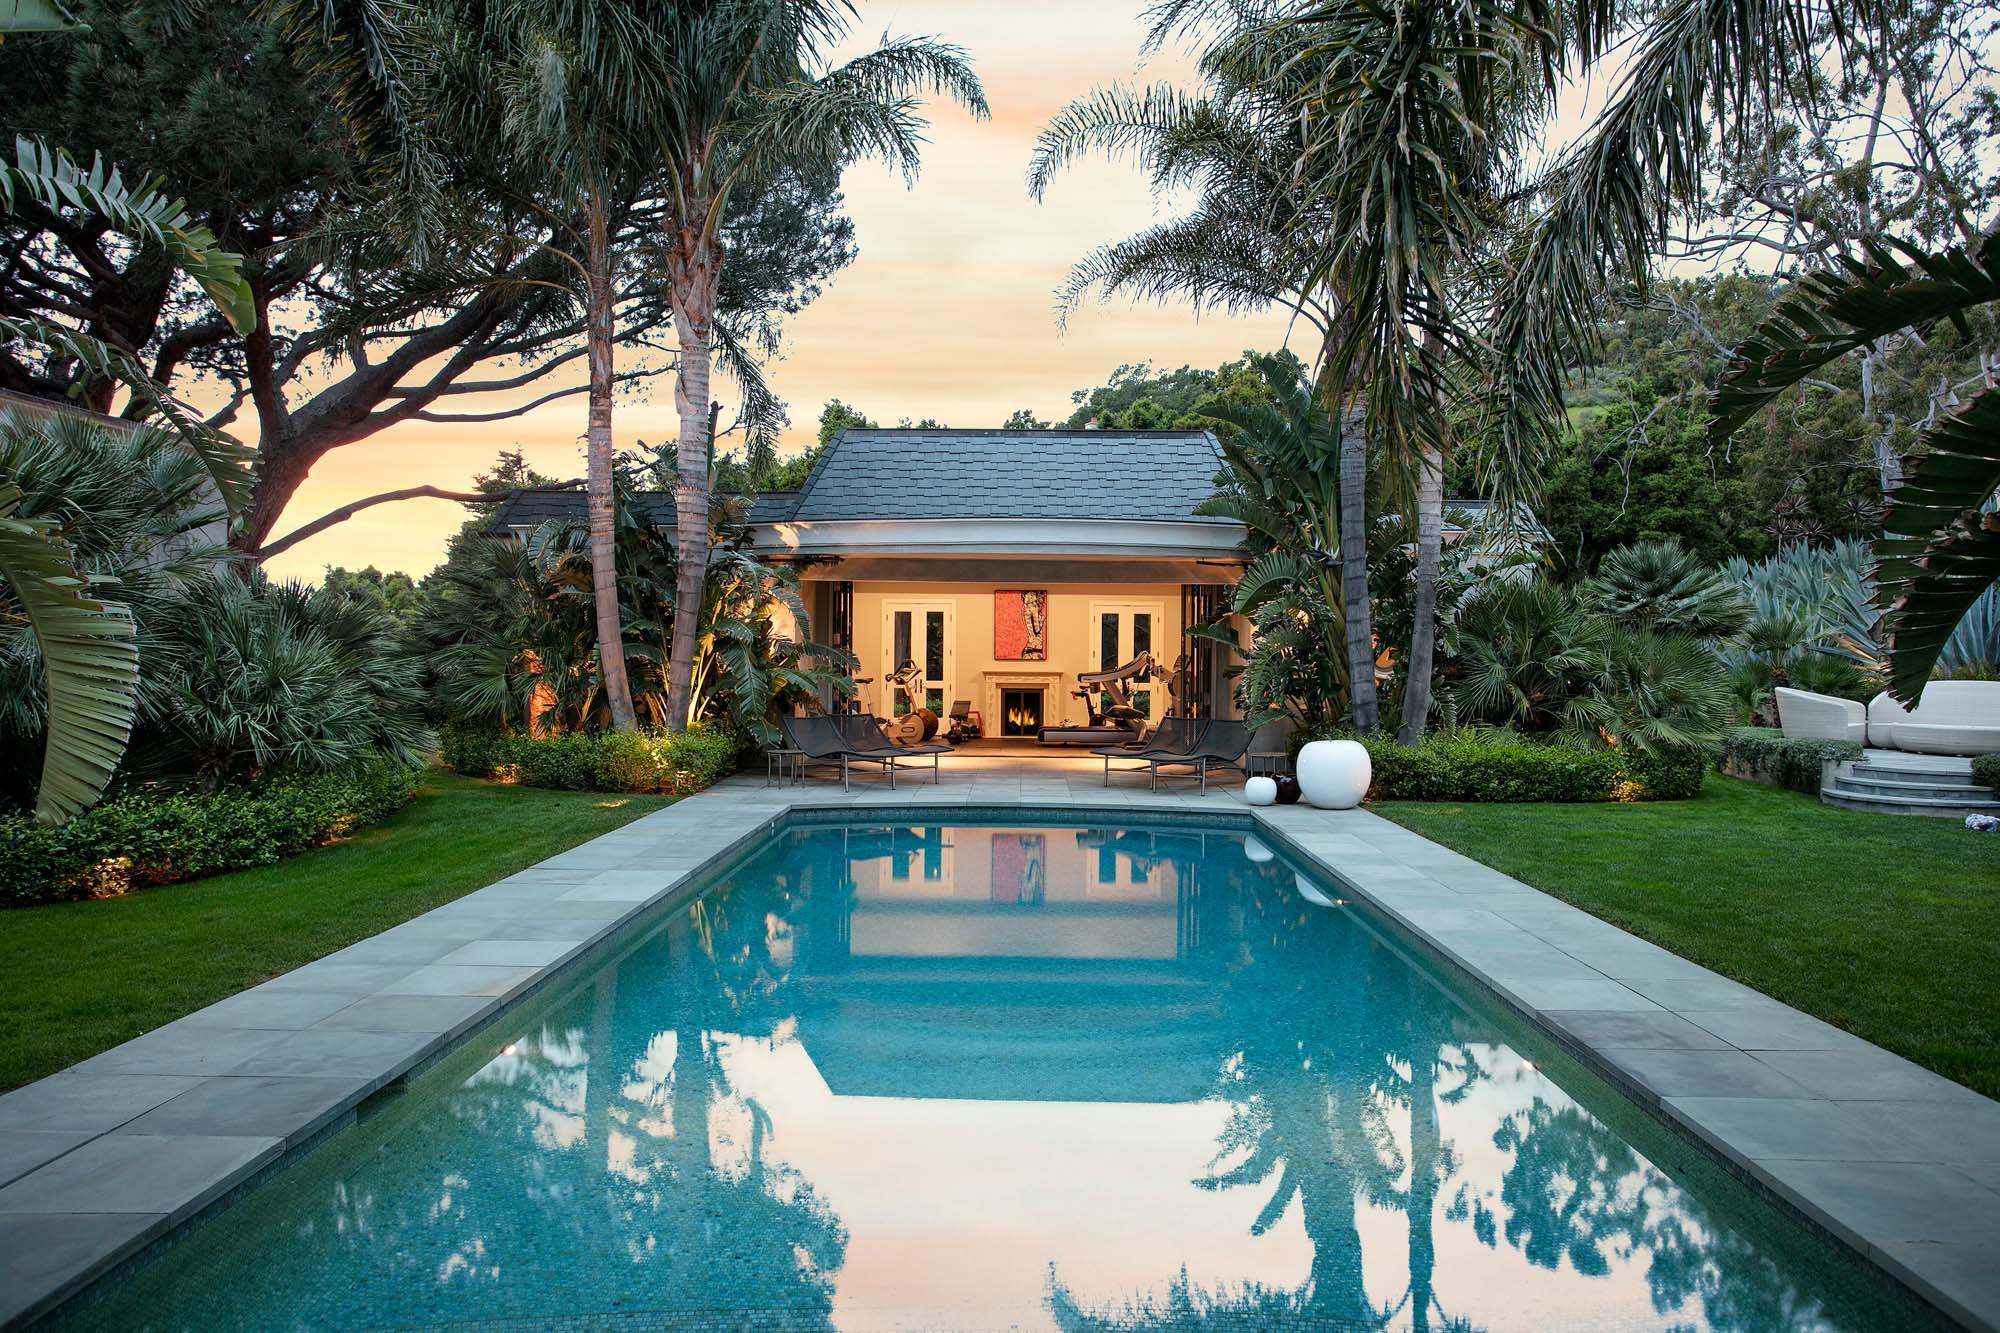 Twilight pool_pool house.jpg